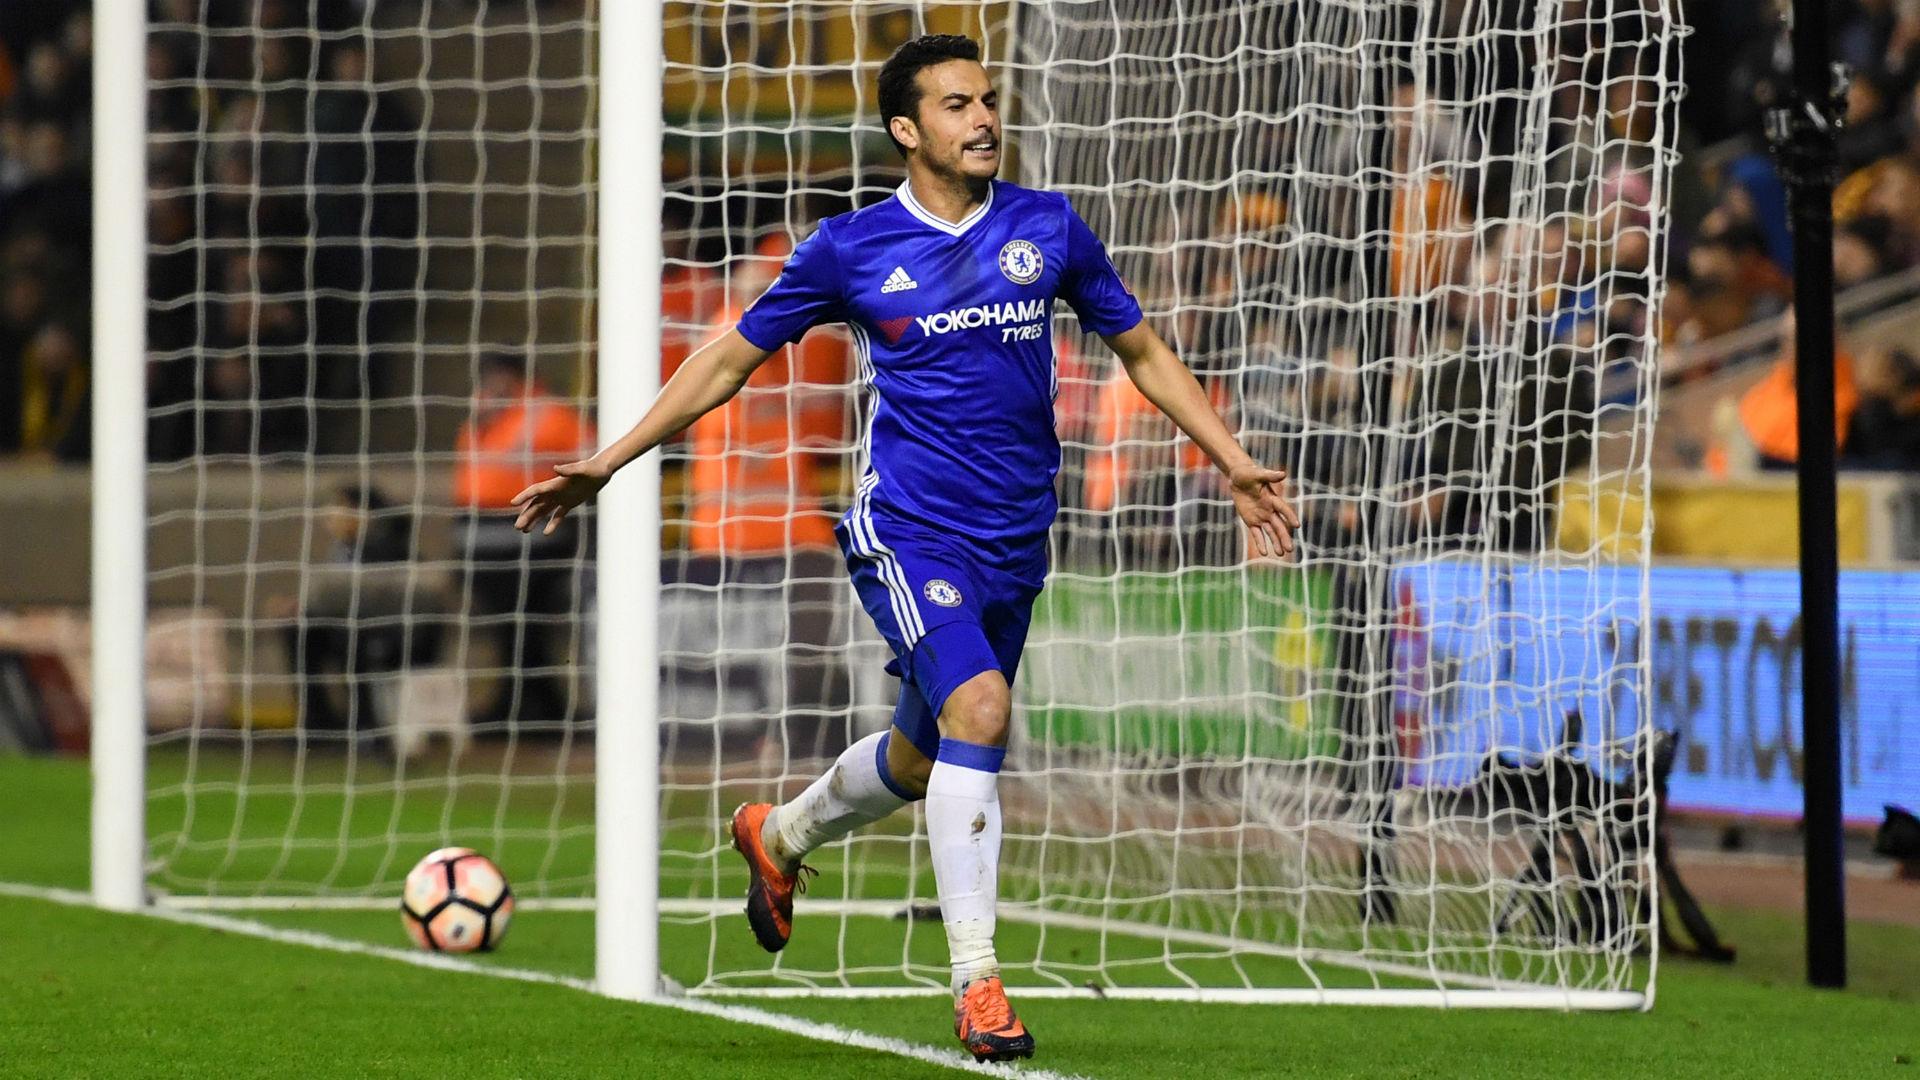 PEDRO | Chelsea | Dù phải chơi ở vị trí trái sở trường (hậu vệ cánh trái) nhưng Pedro vẫn có một màn trình diễn chắc chắn. Không những vậy, anh còn ghi bàn thắng mở tỉ số cho đội nhà.